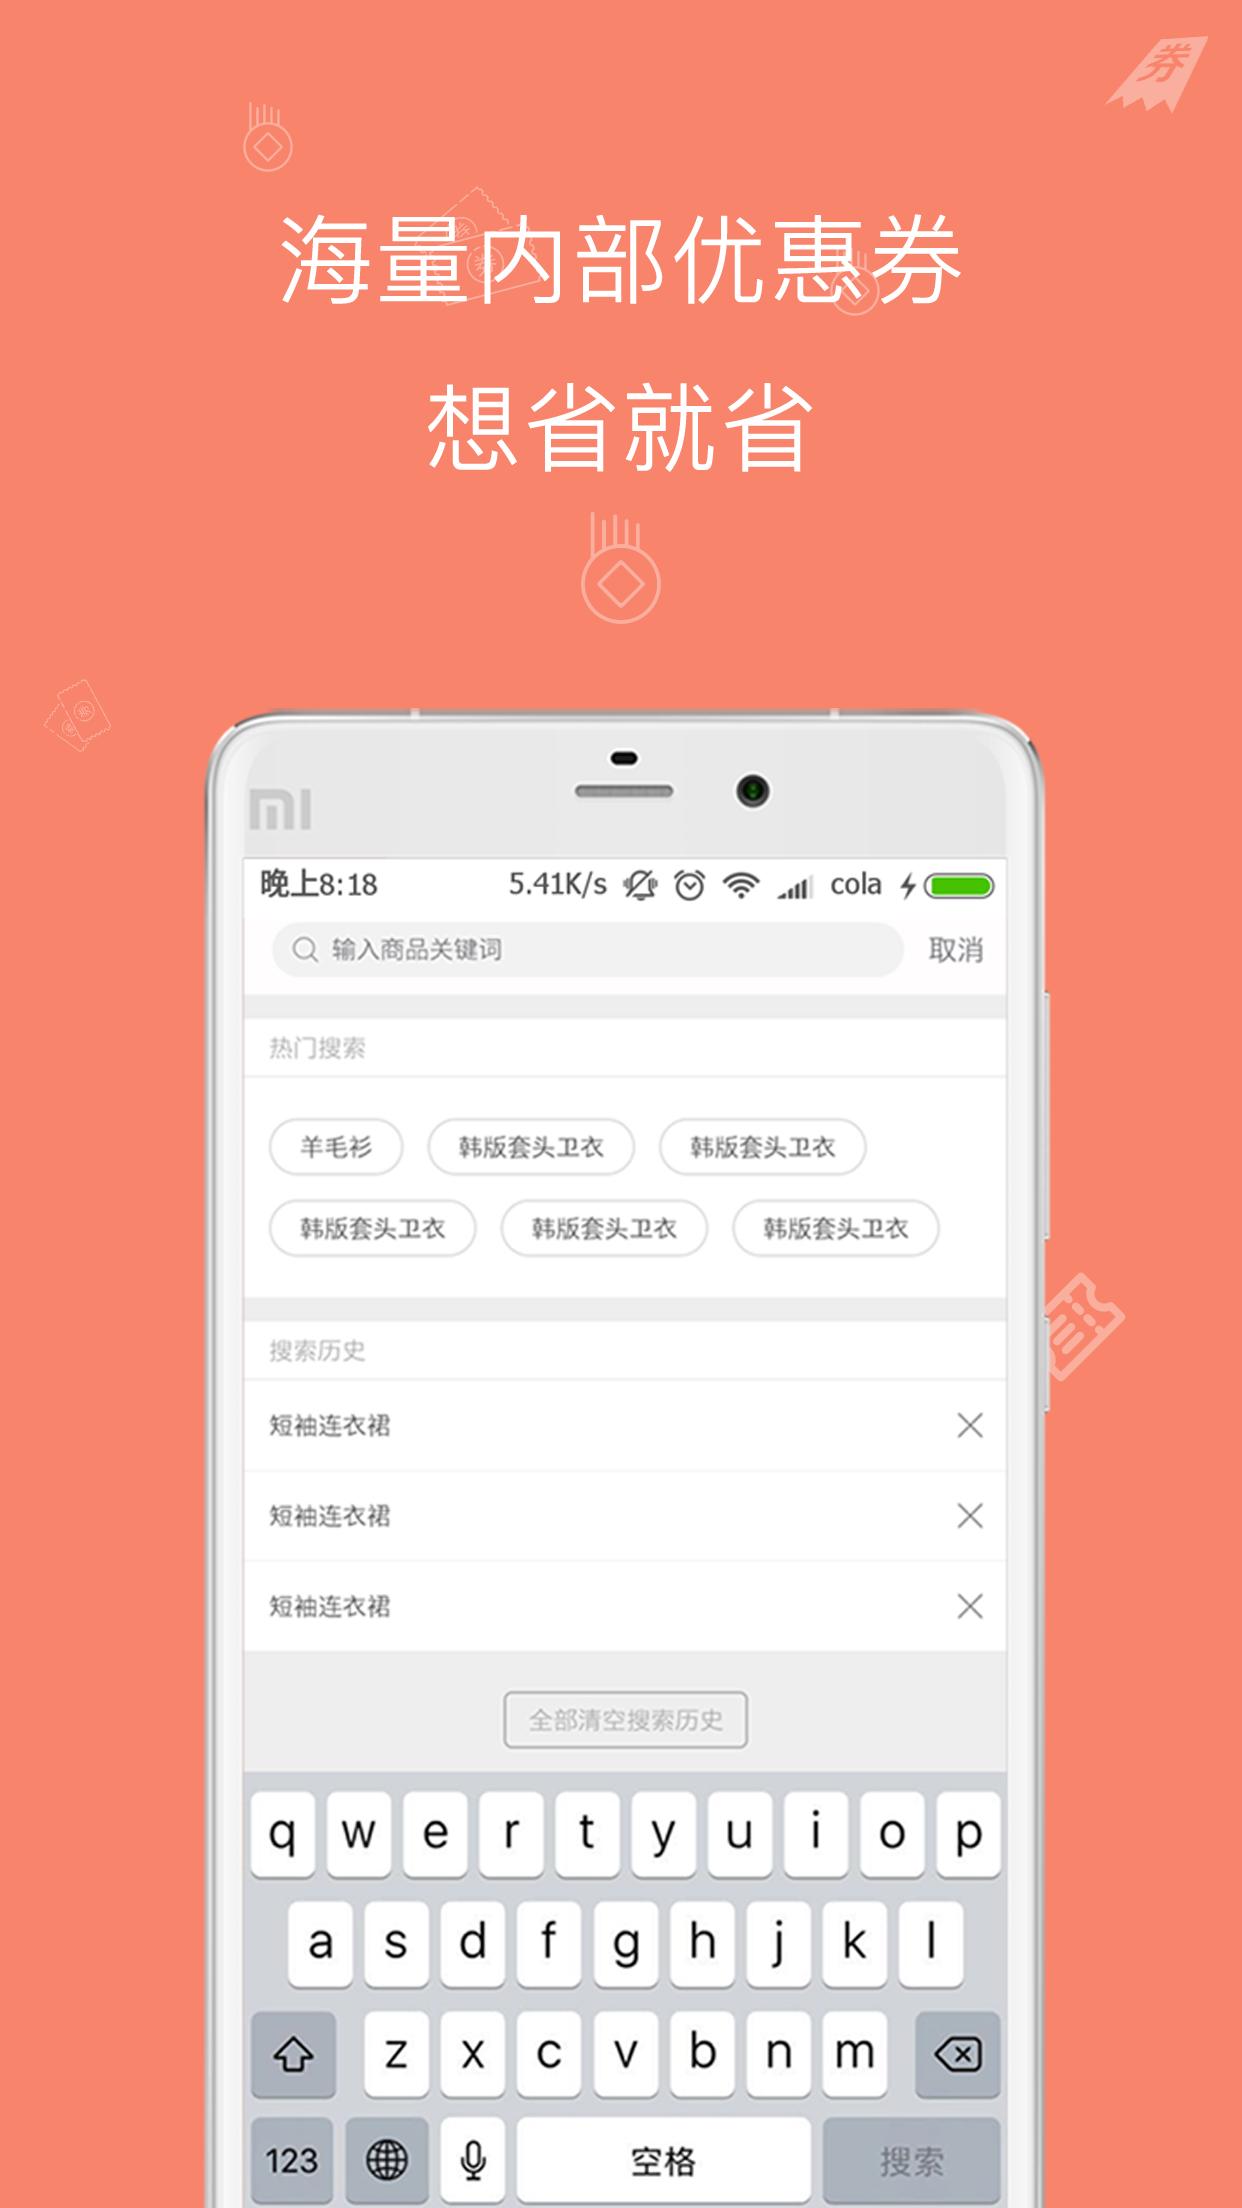 淘精灵软件官网下载图2: